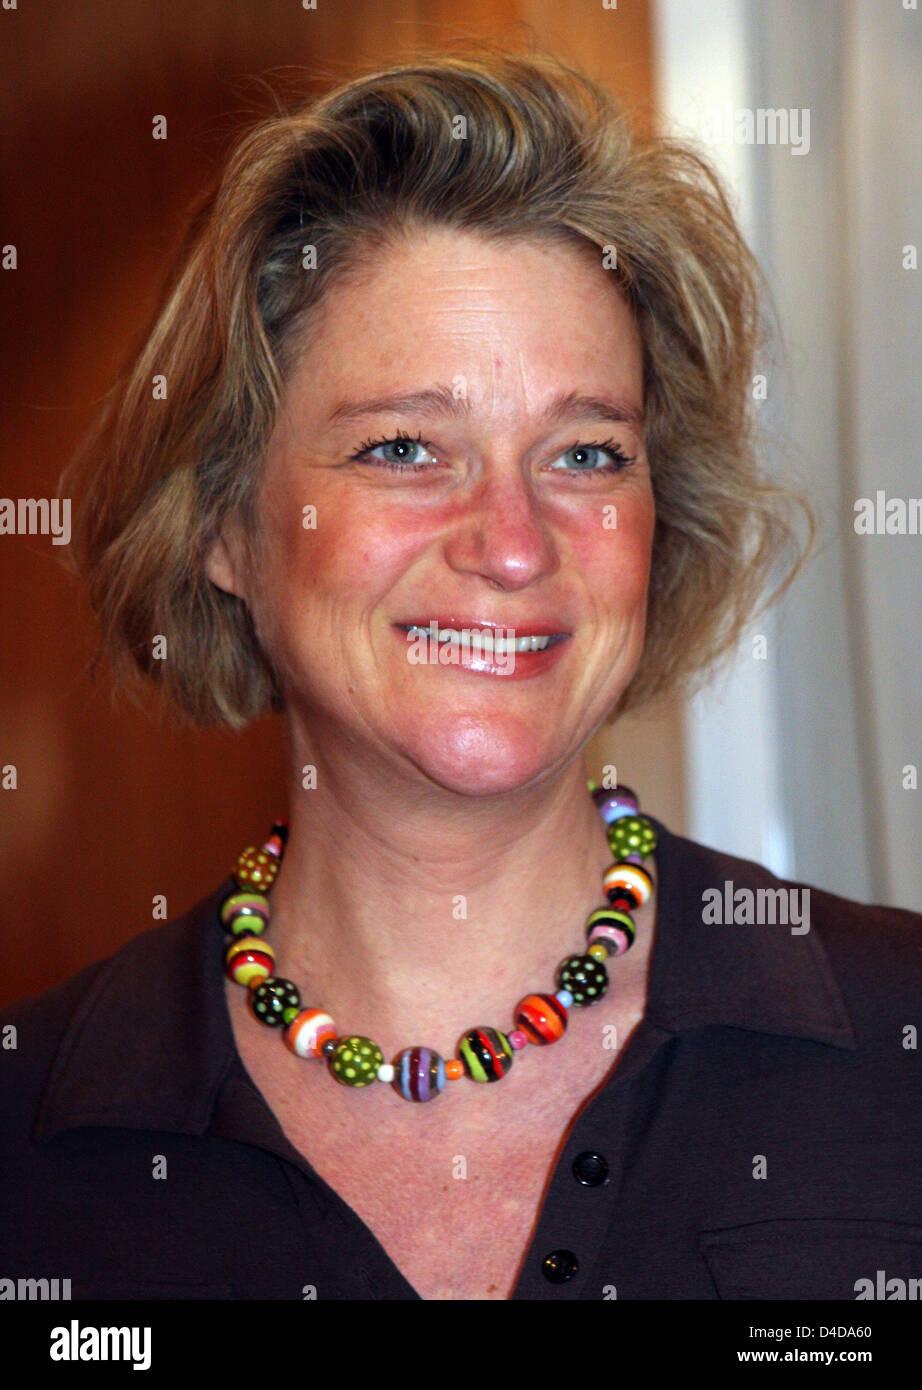 """Delphine Boel ist während der Präsentation ihres Buches """"De Navelstreng Doorknippen"""" abgebildet (""""um die Nabelschnur Stockfoto"""